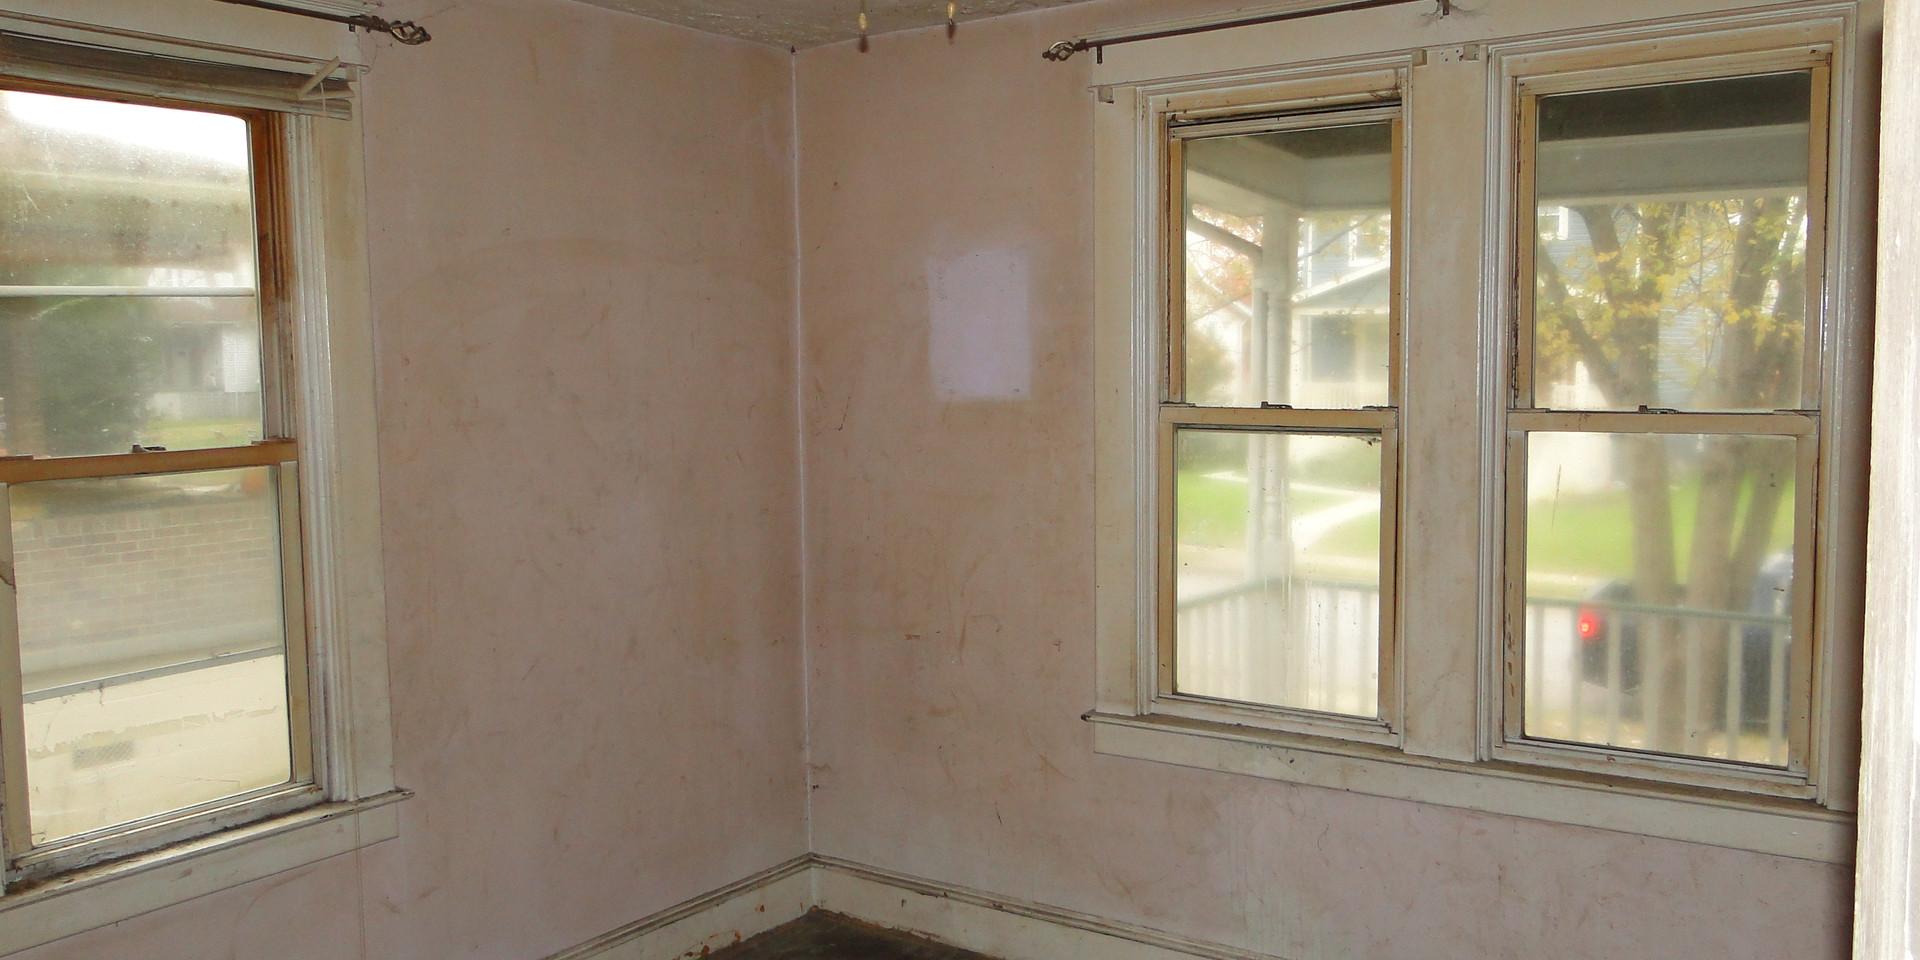 06 - Front 1st Floor Bedroom.JPG